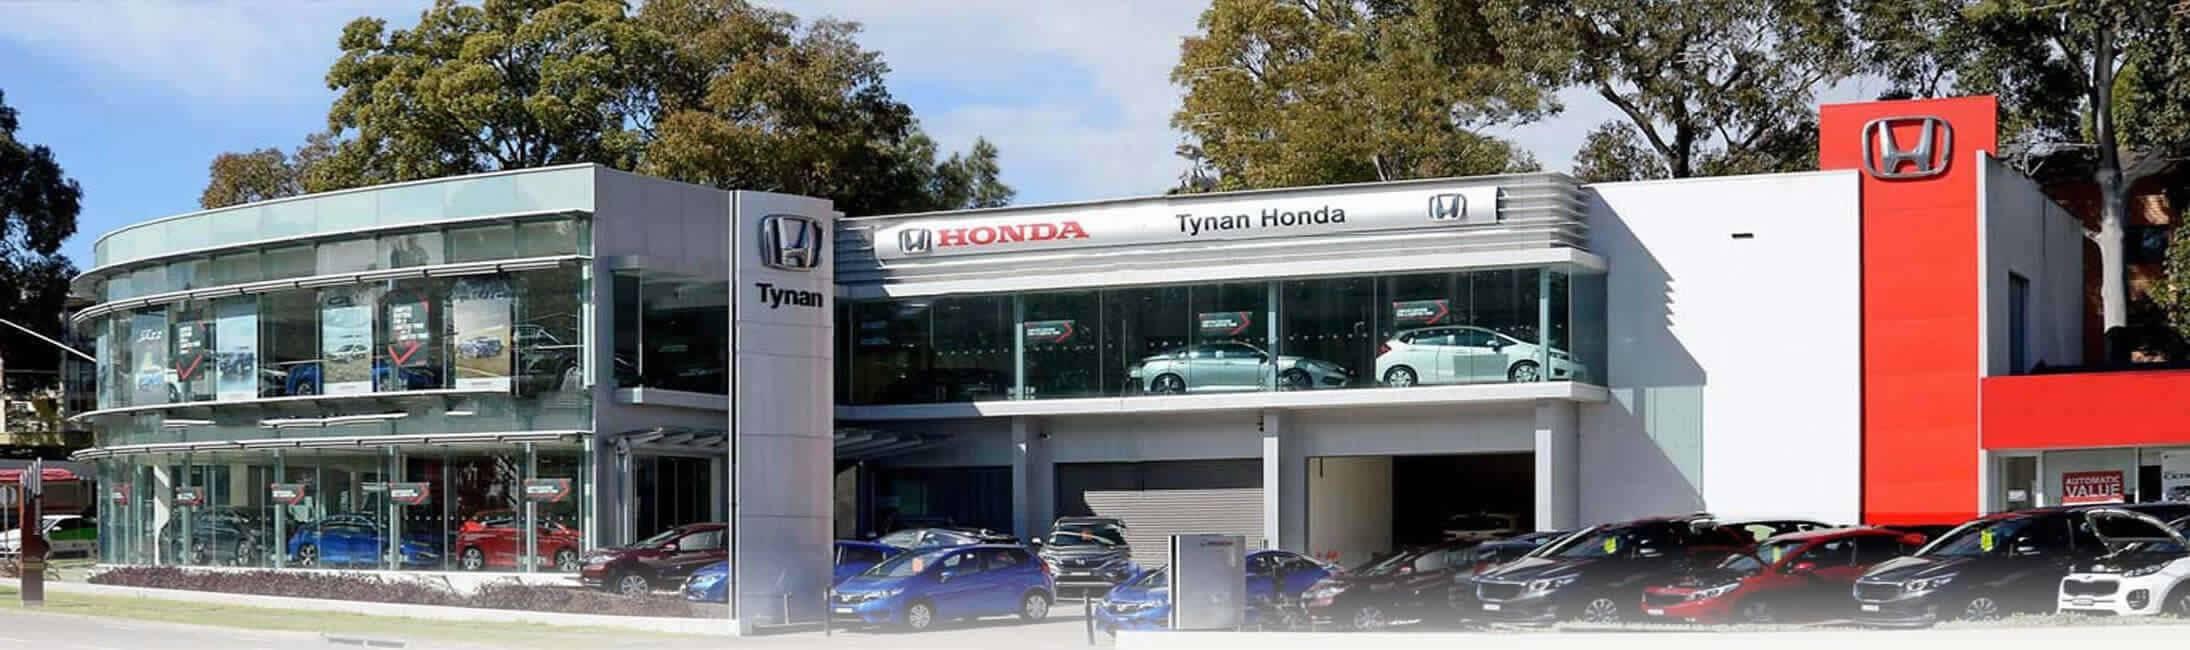 Tynan Honda Contact Us